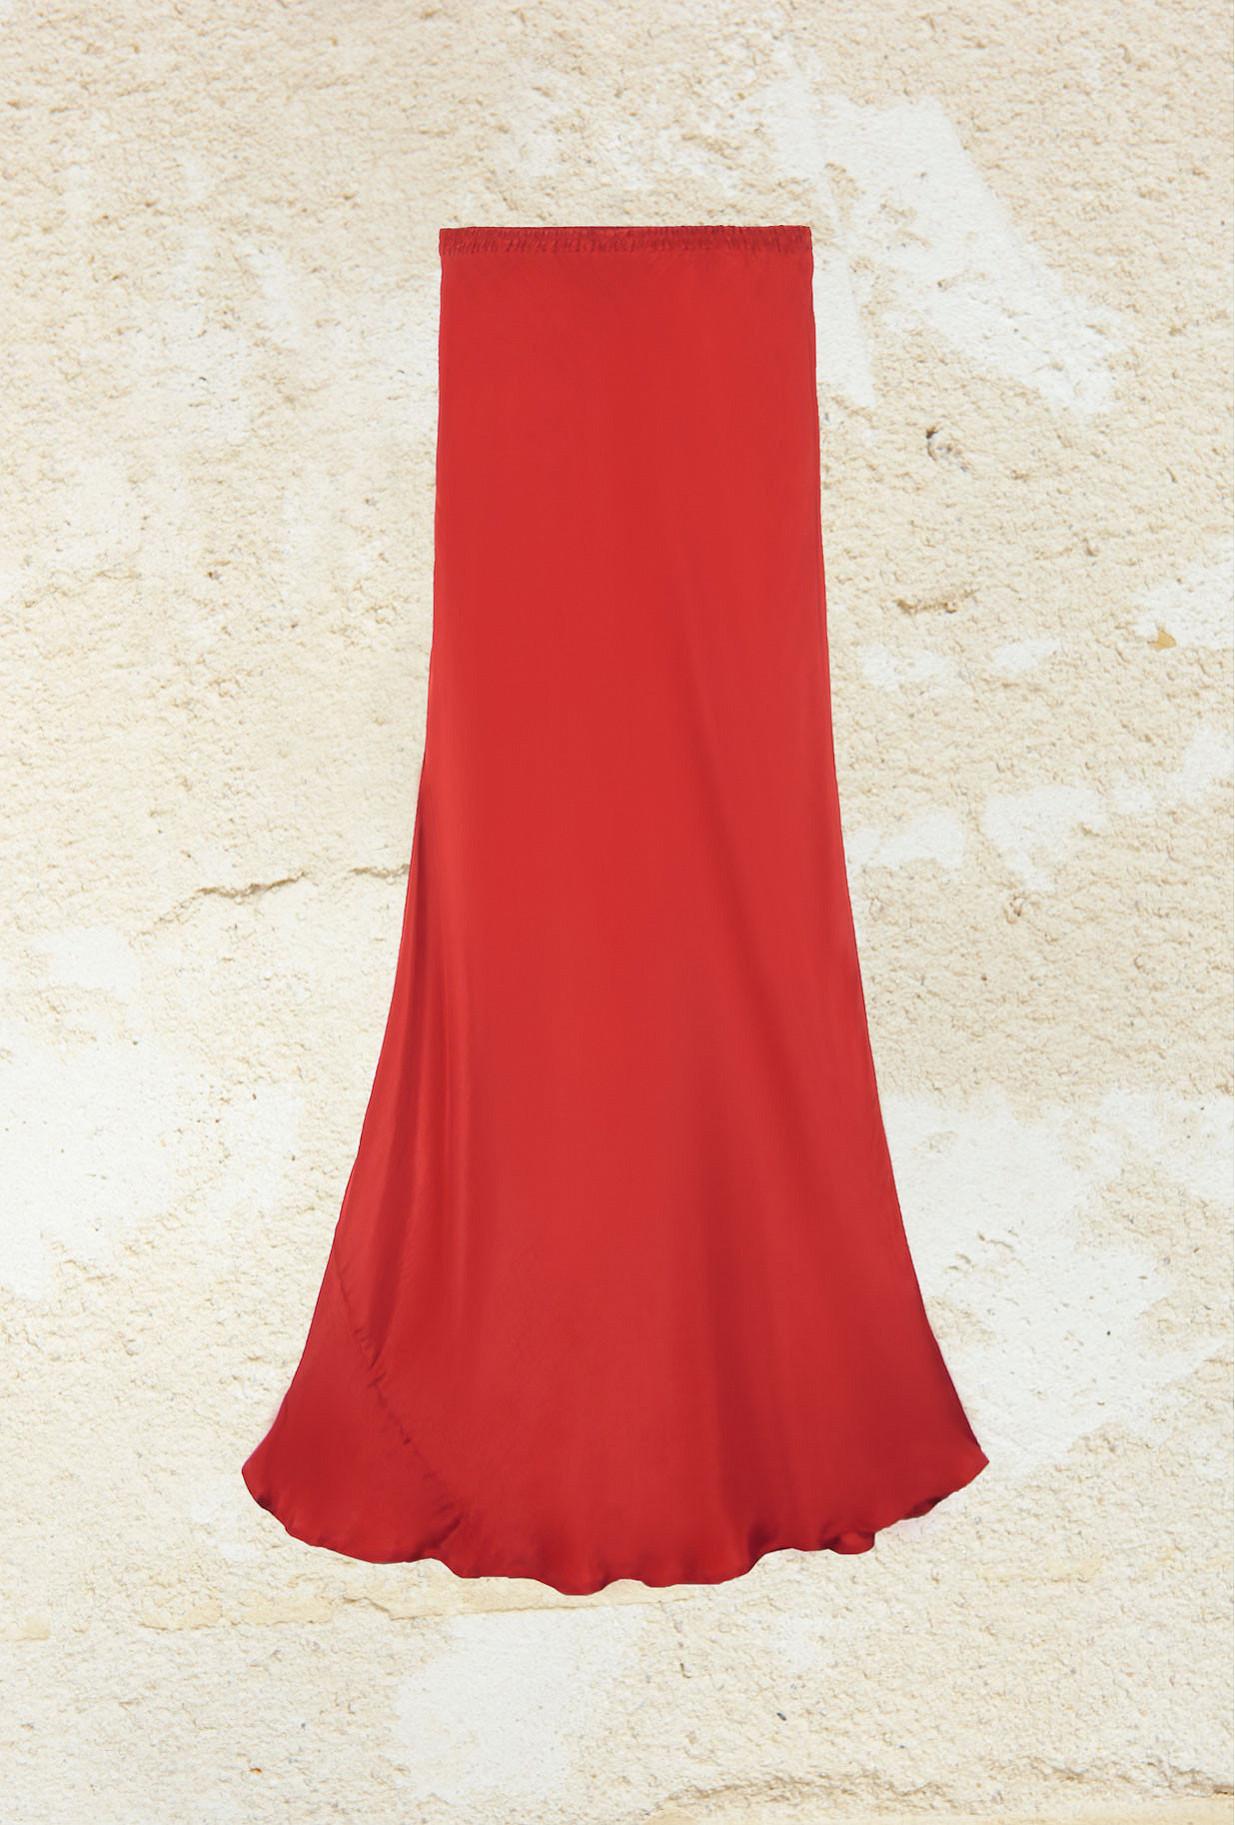 Red  Skirt  Mogador Mes demoiselles fashion clothes designer Paris